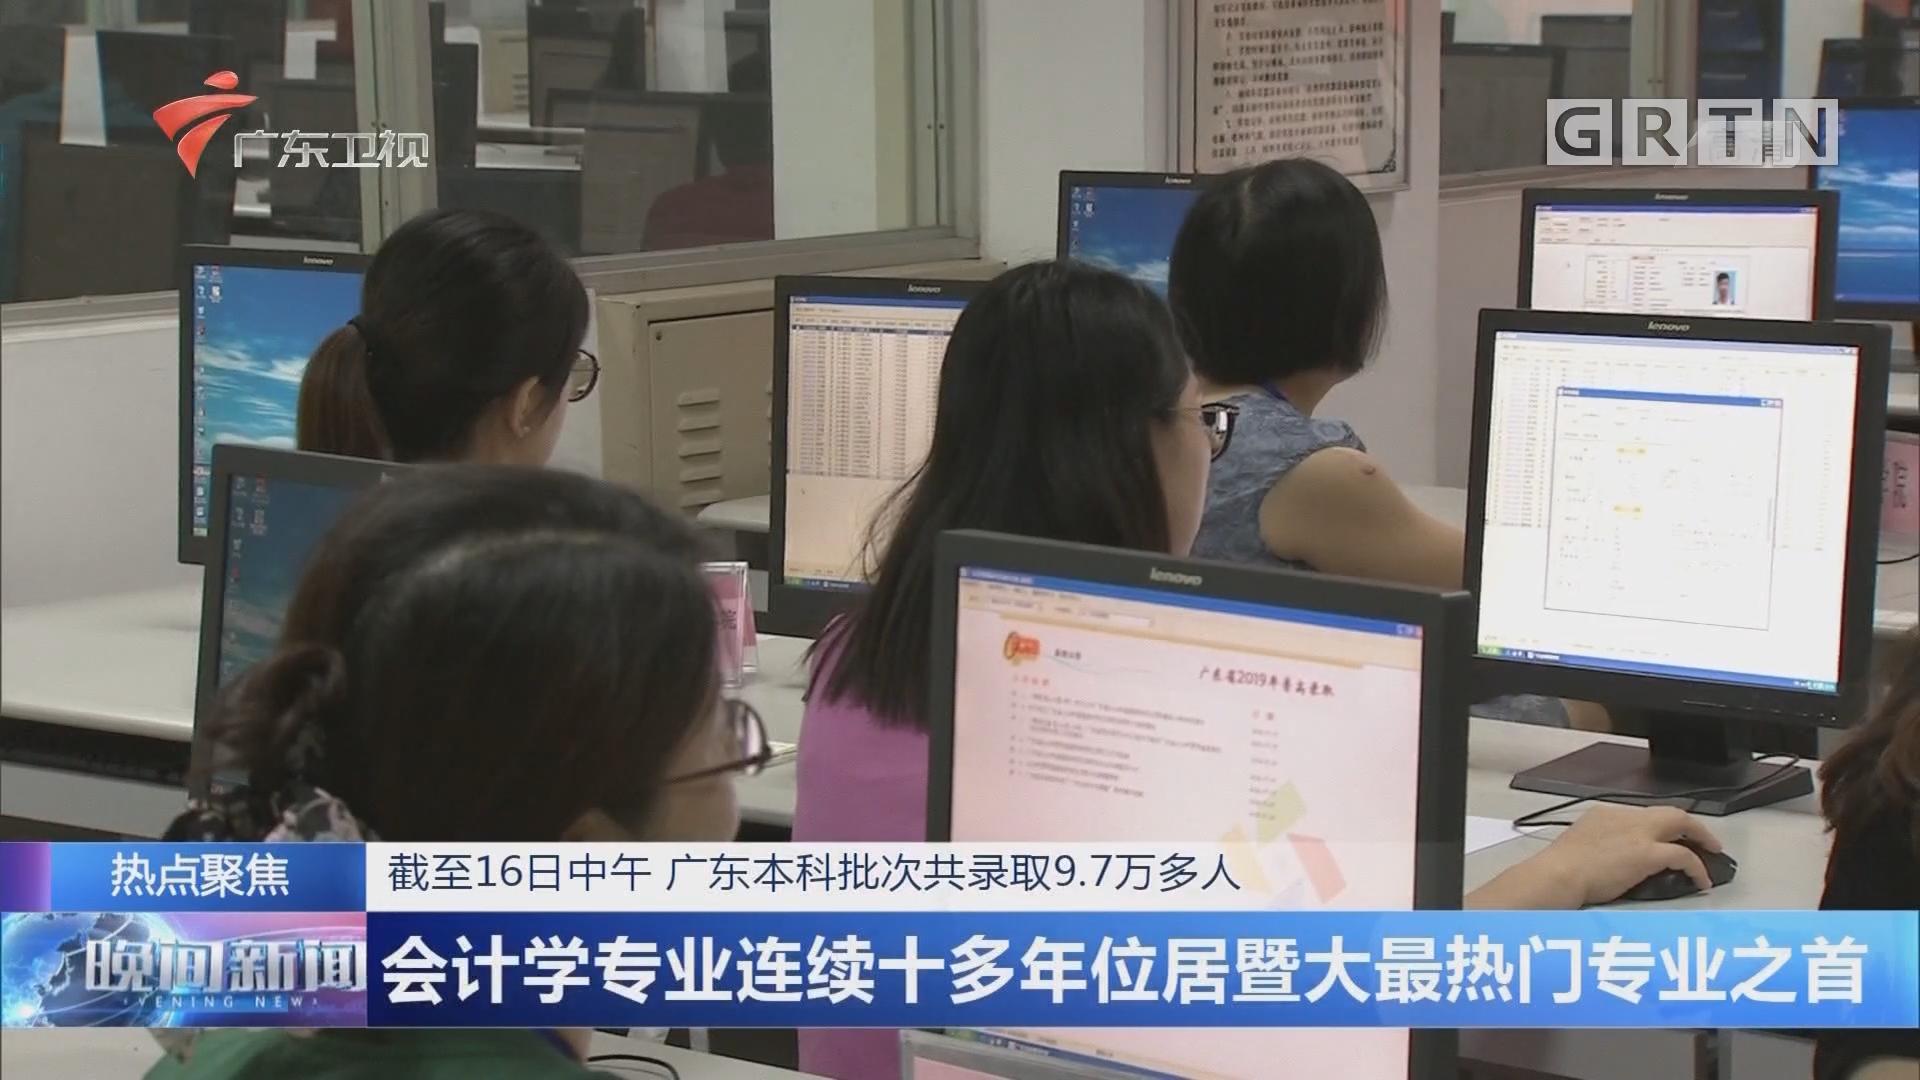 截至16日中午 广东本科批次共录取9.7万多人 会计学专业连续十多年位居暨大最热门专业之首